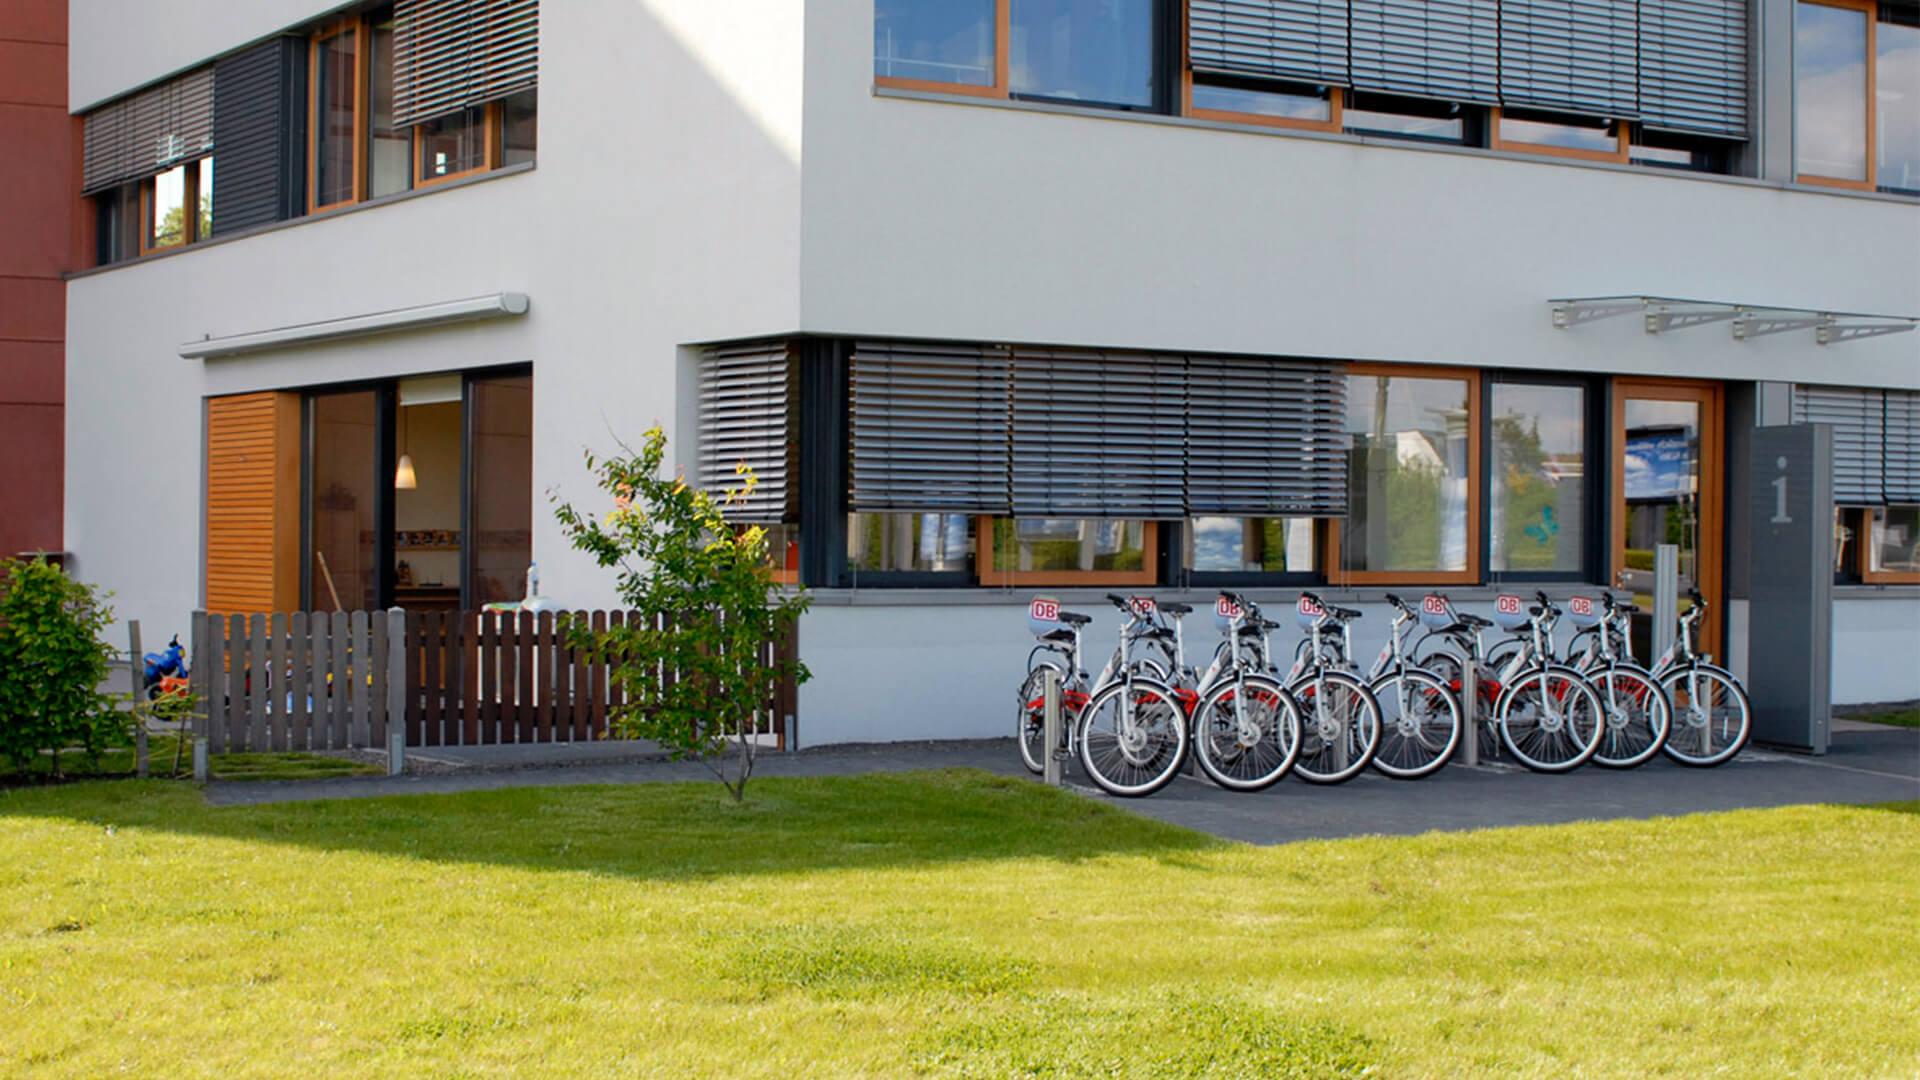 Fahrräder vor dem Kindergarten mit moderner Außenfront, Wiese und Sonnenschein